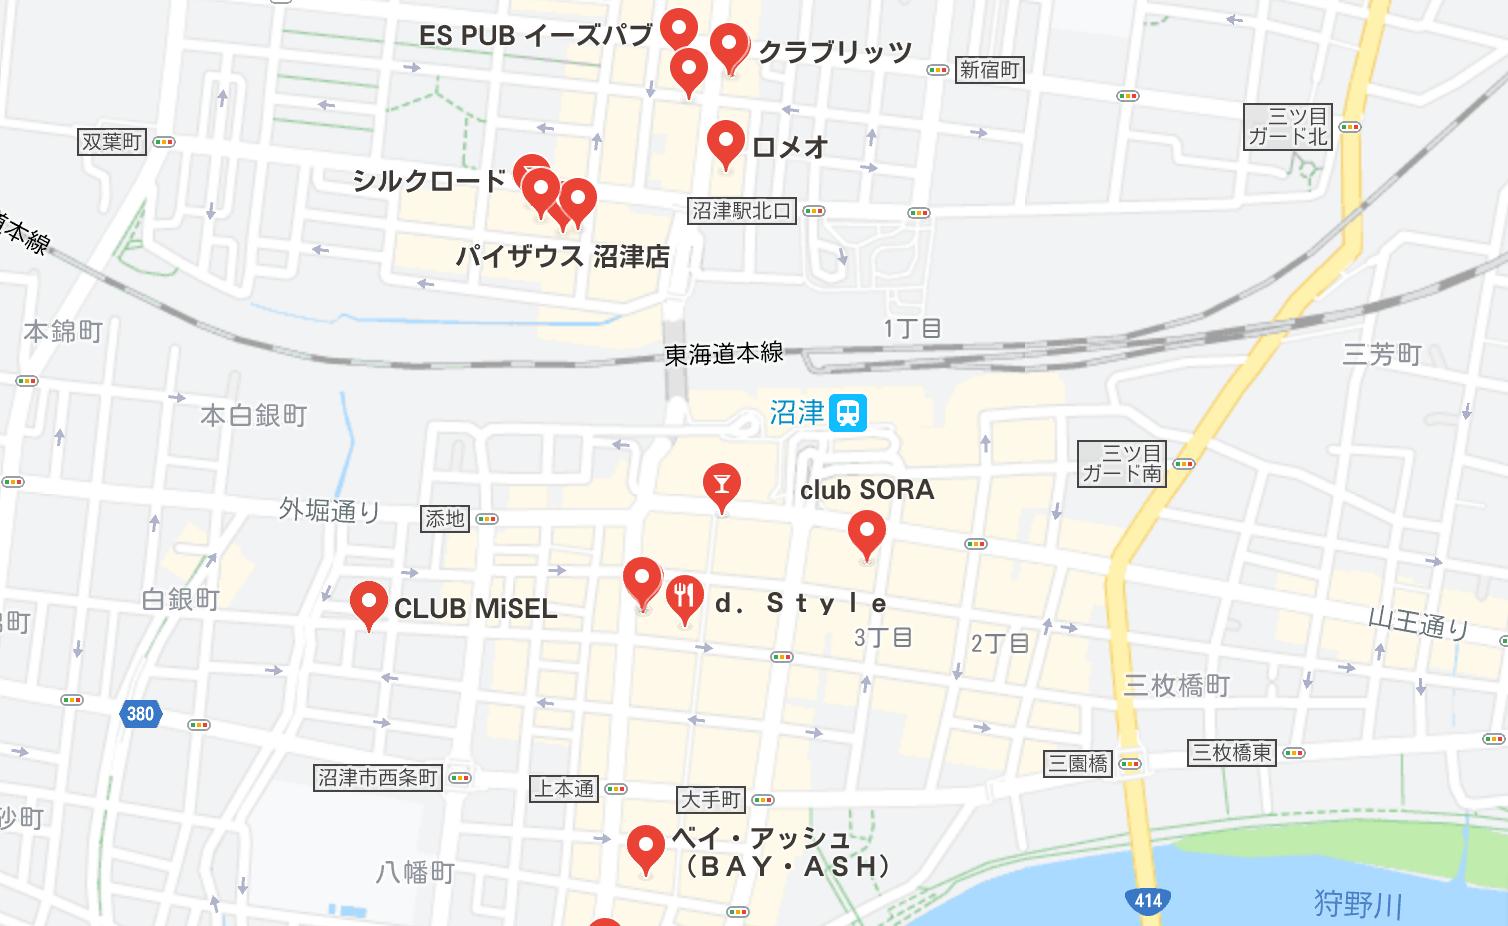 沼津 キャバクラ